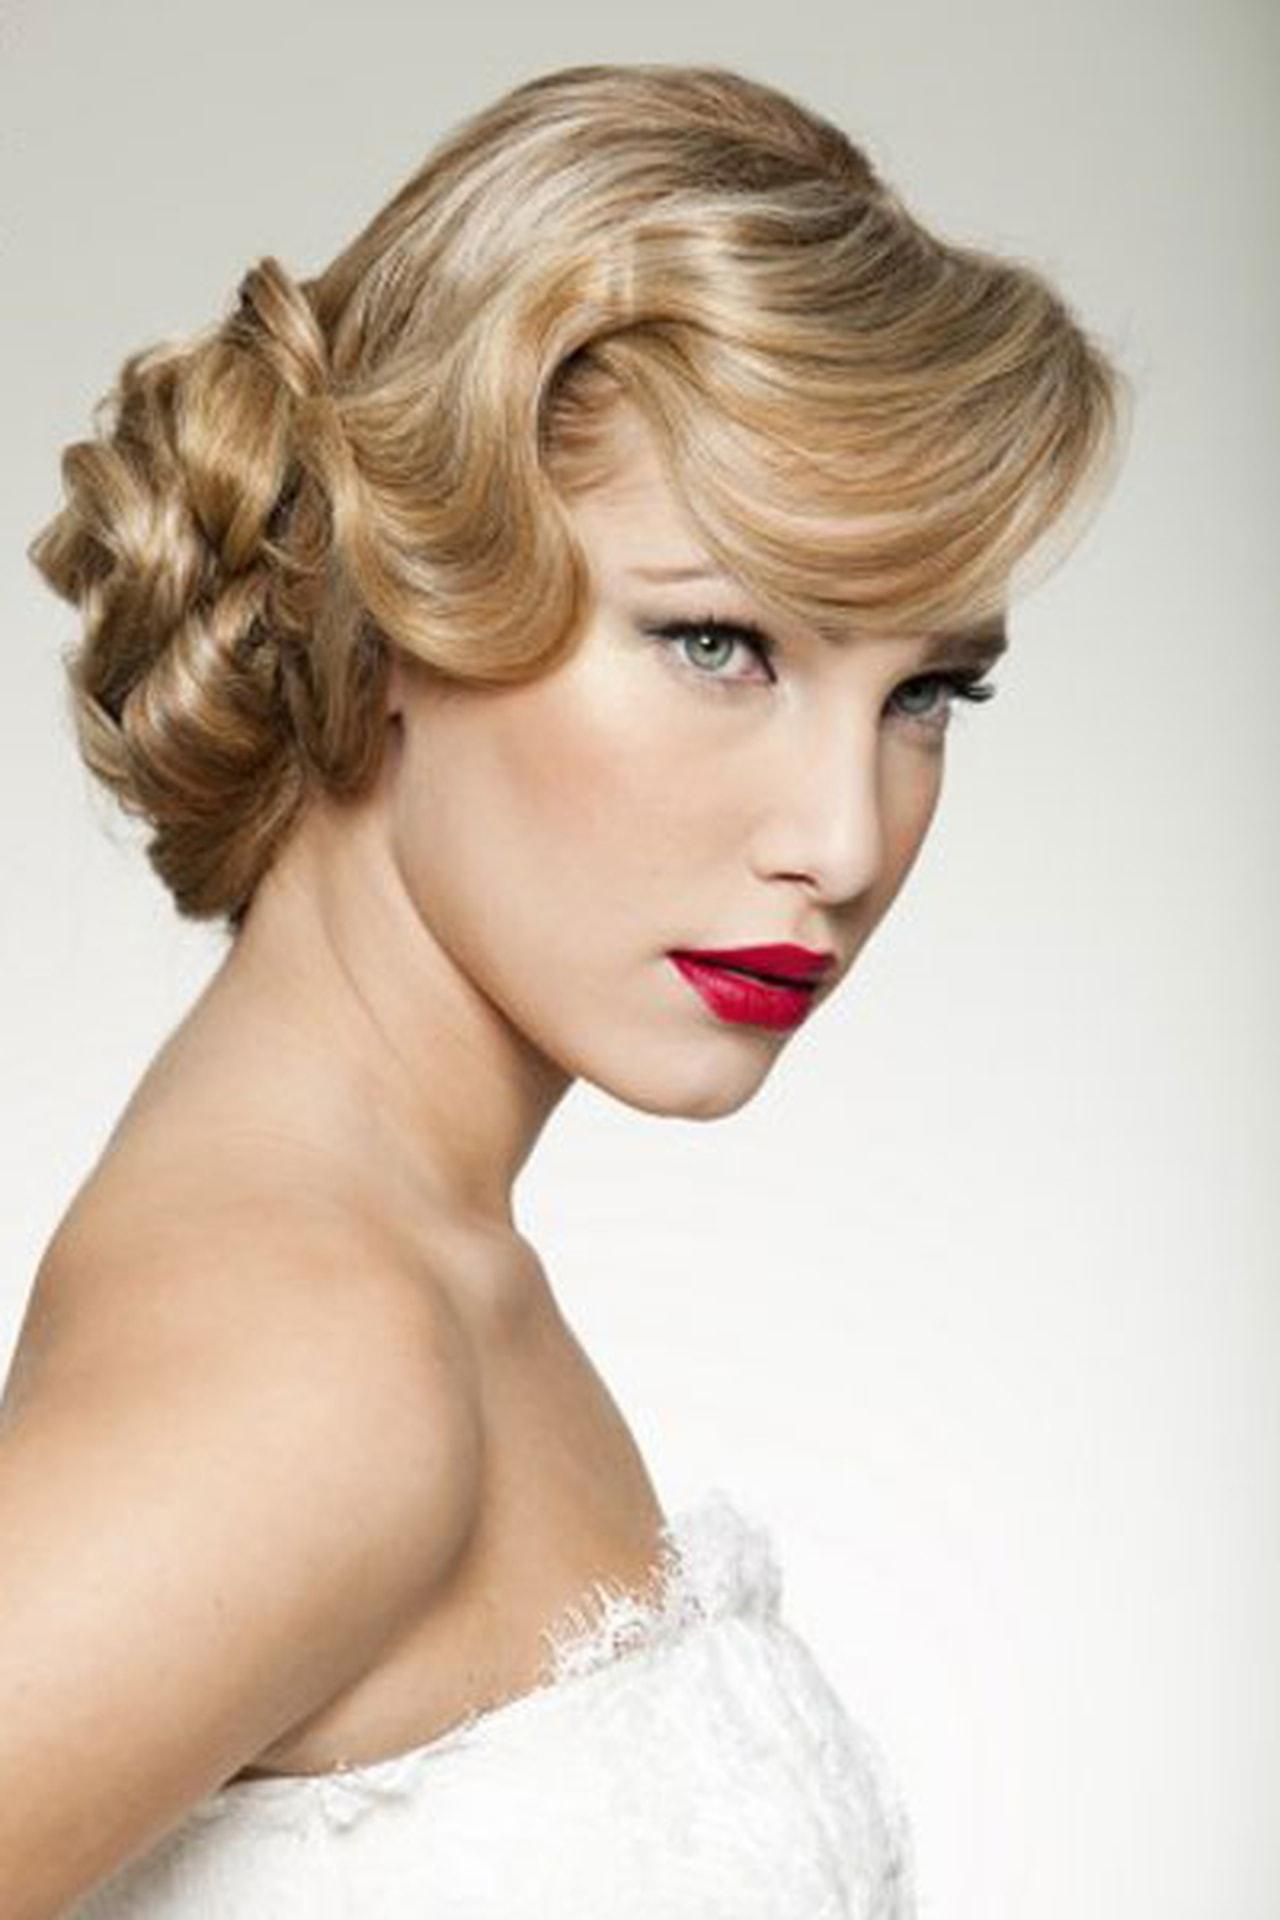 صورة تسريحه فرنسيه , شعر المراة هو عنوان جمالها شاهد اجمل تسريحة فرنسية في قمة الجمال والروعة